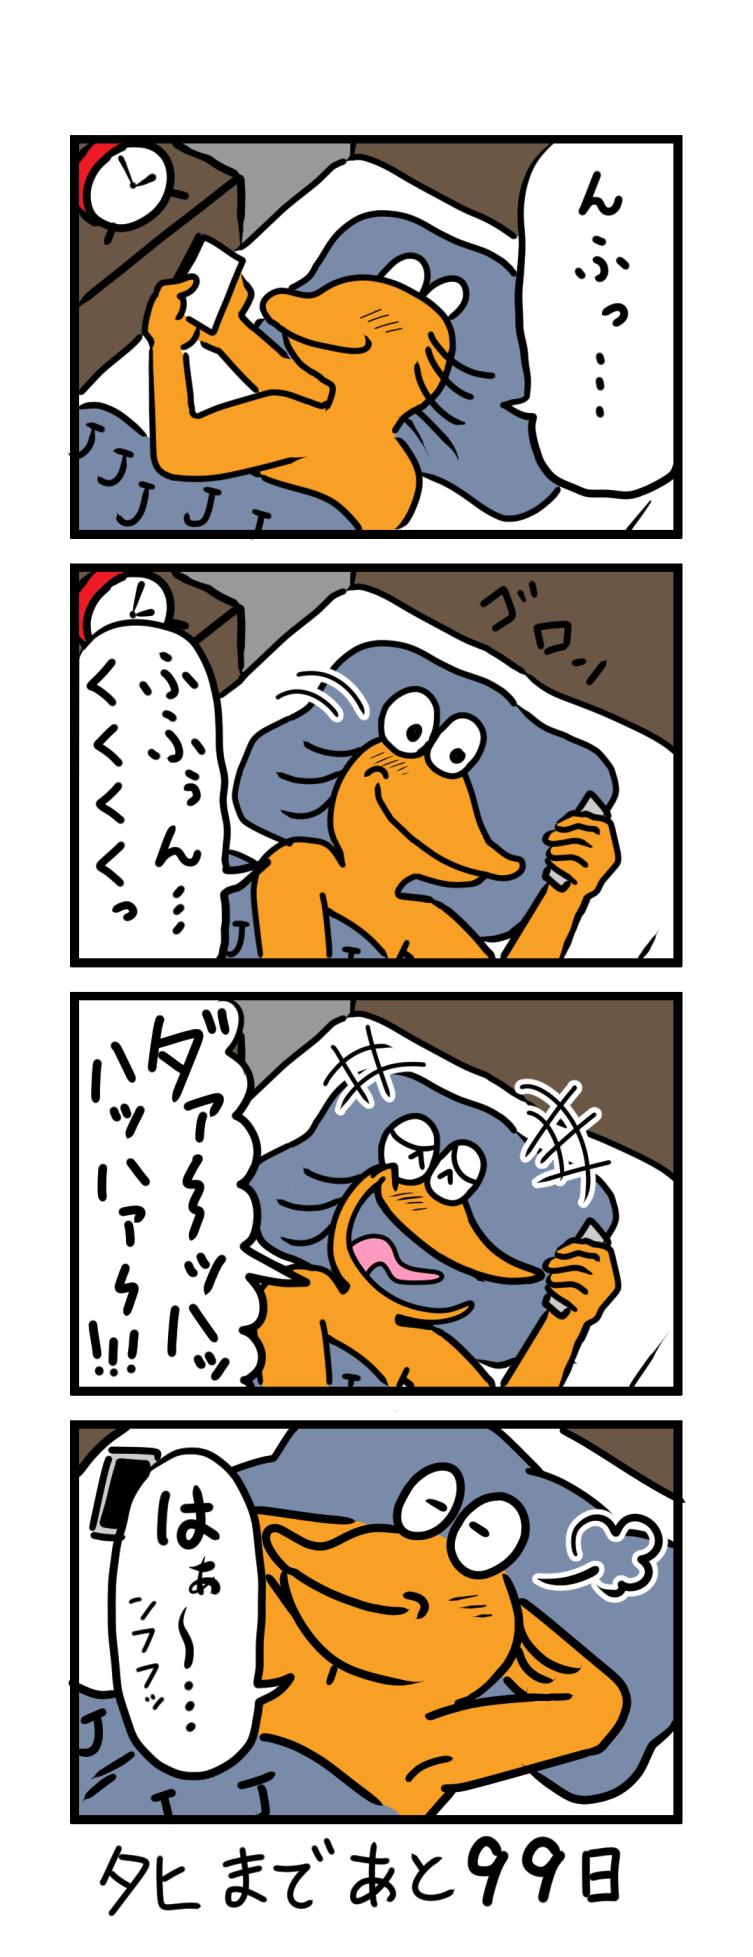 100日後にタヒぬワイ【100日後に死ぬワニ】